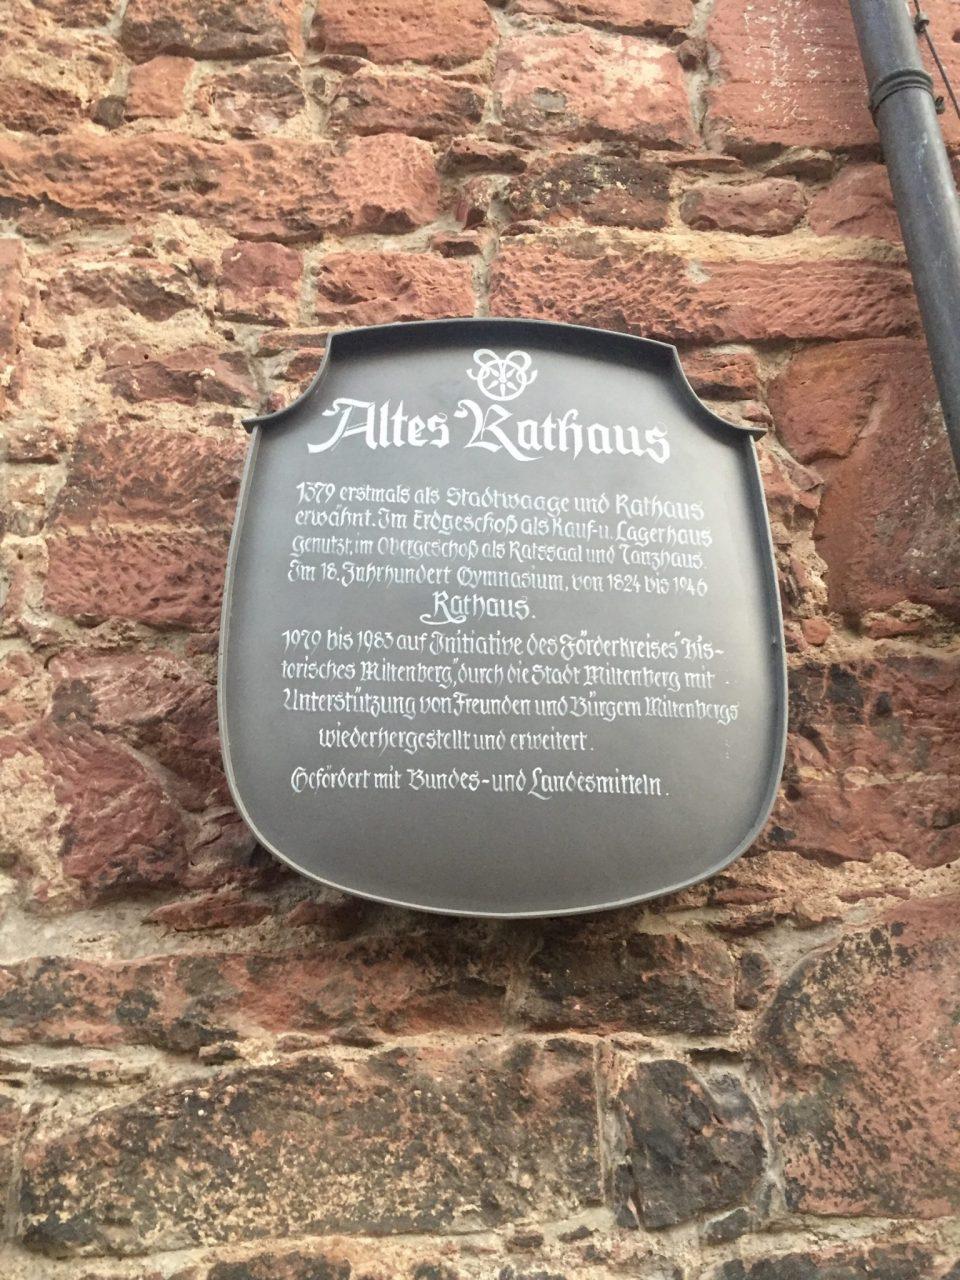 Miltenberg Altes Rathaus